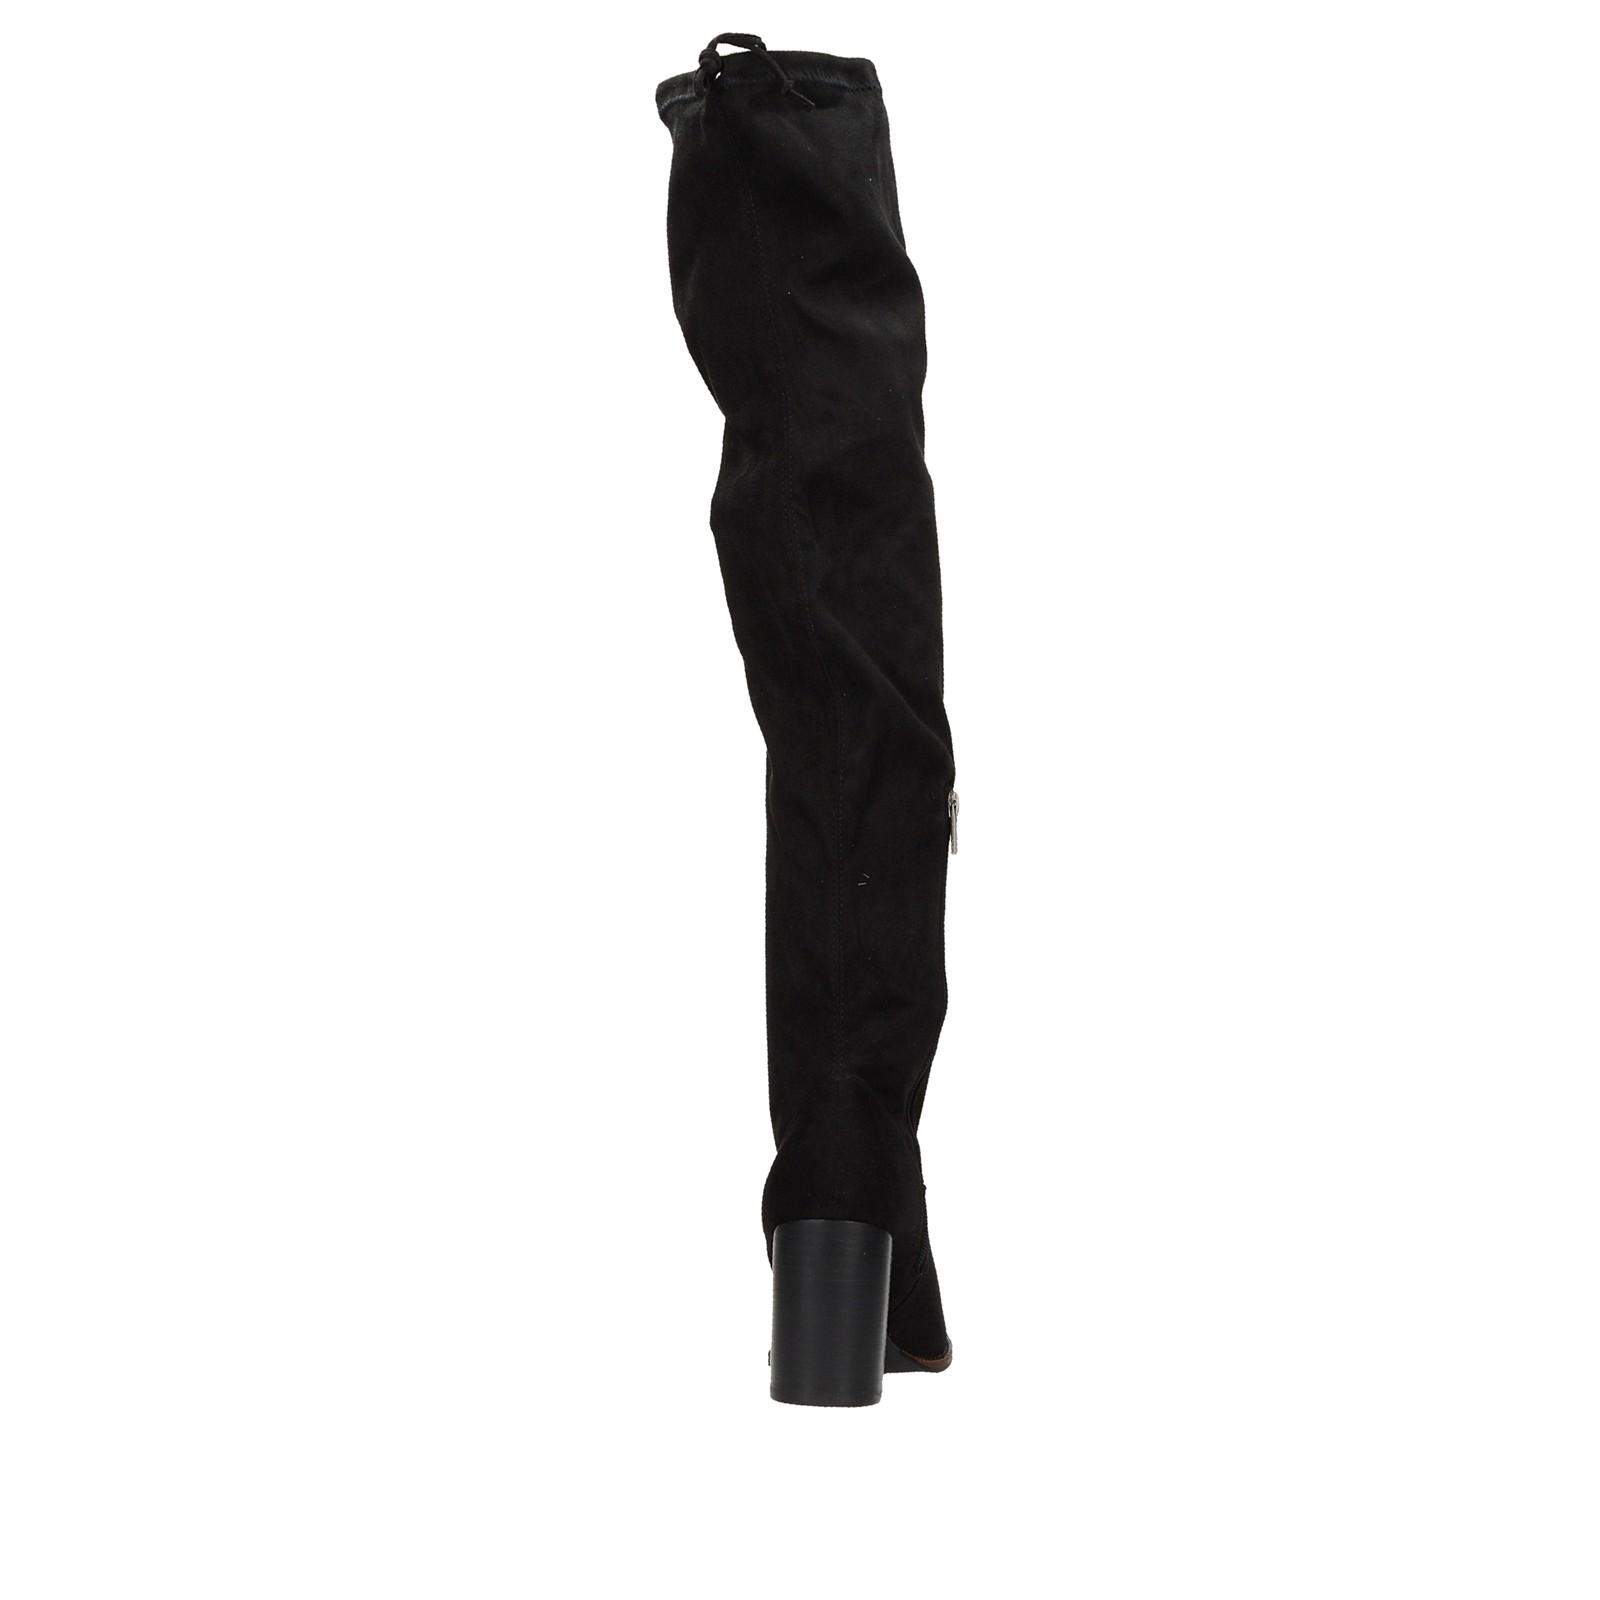 52711f6c00f4 ... Big Star dámske textilné vysoké čižmy - čierne ...